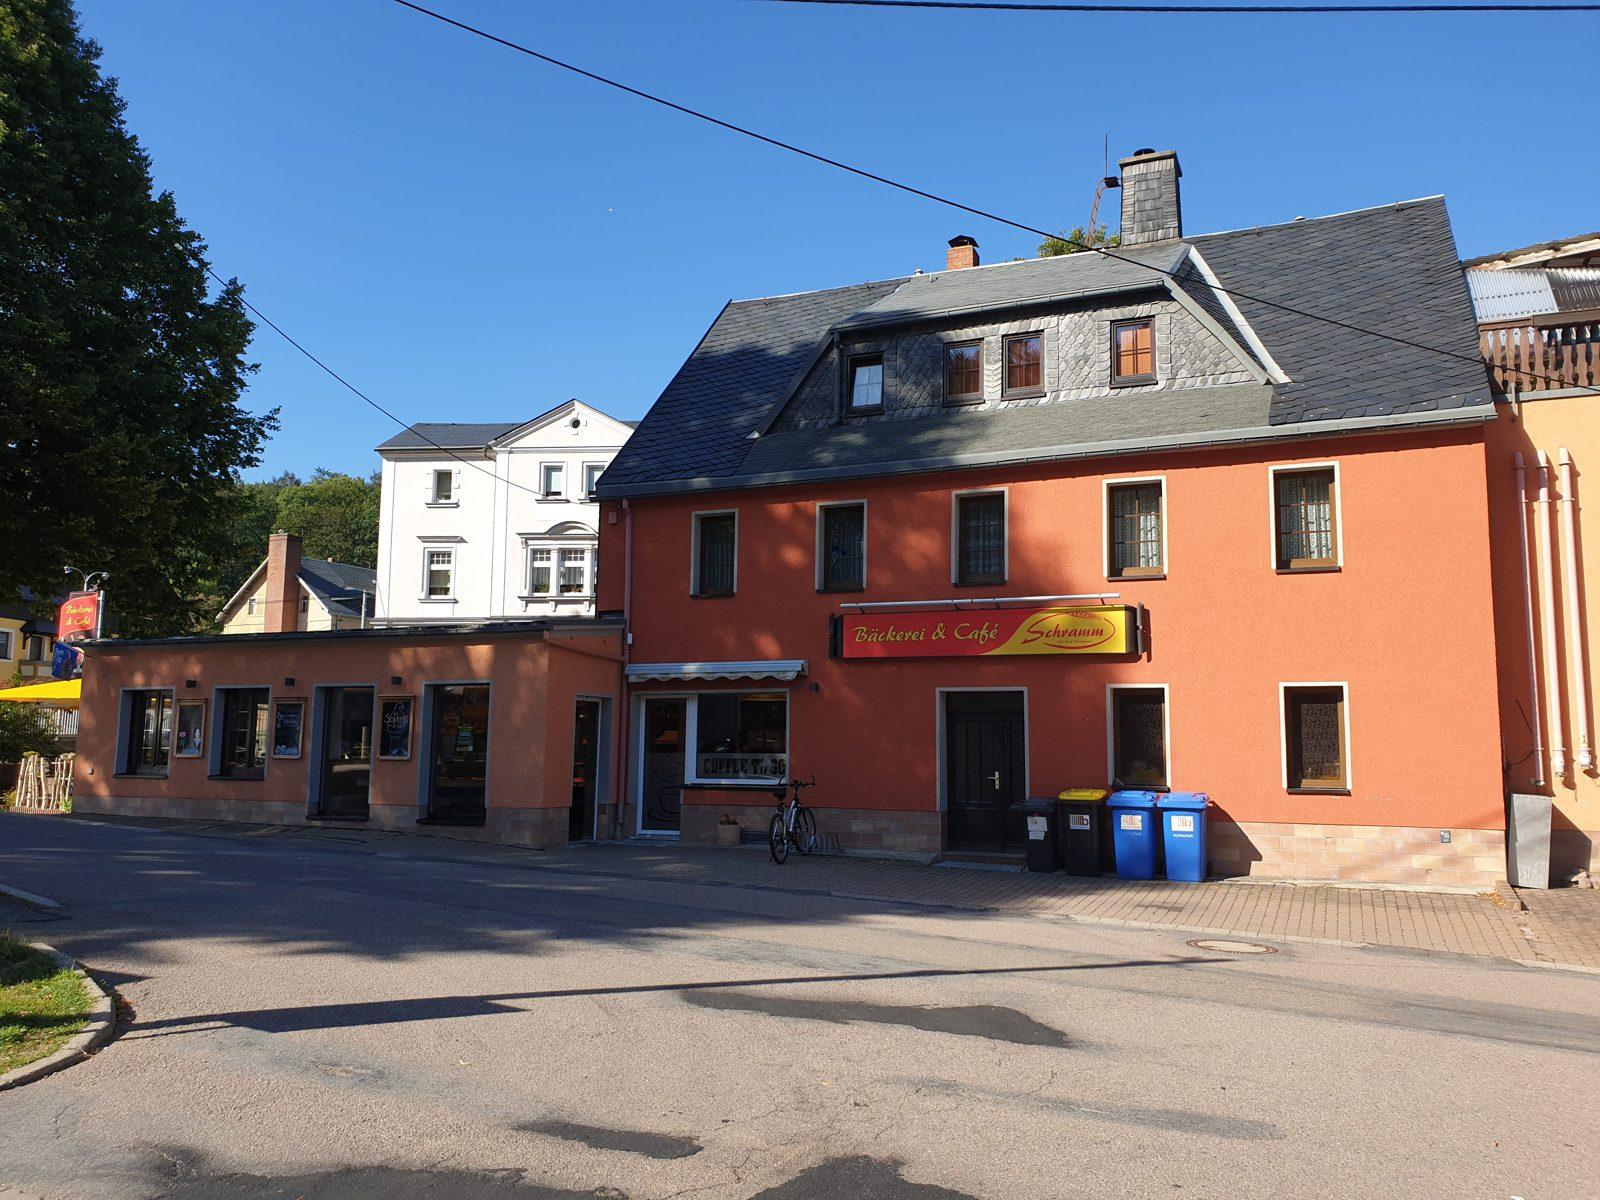 Bäckerei und Cafe Schramm Bienenmühle